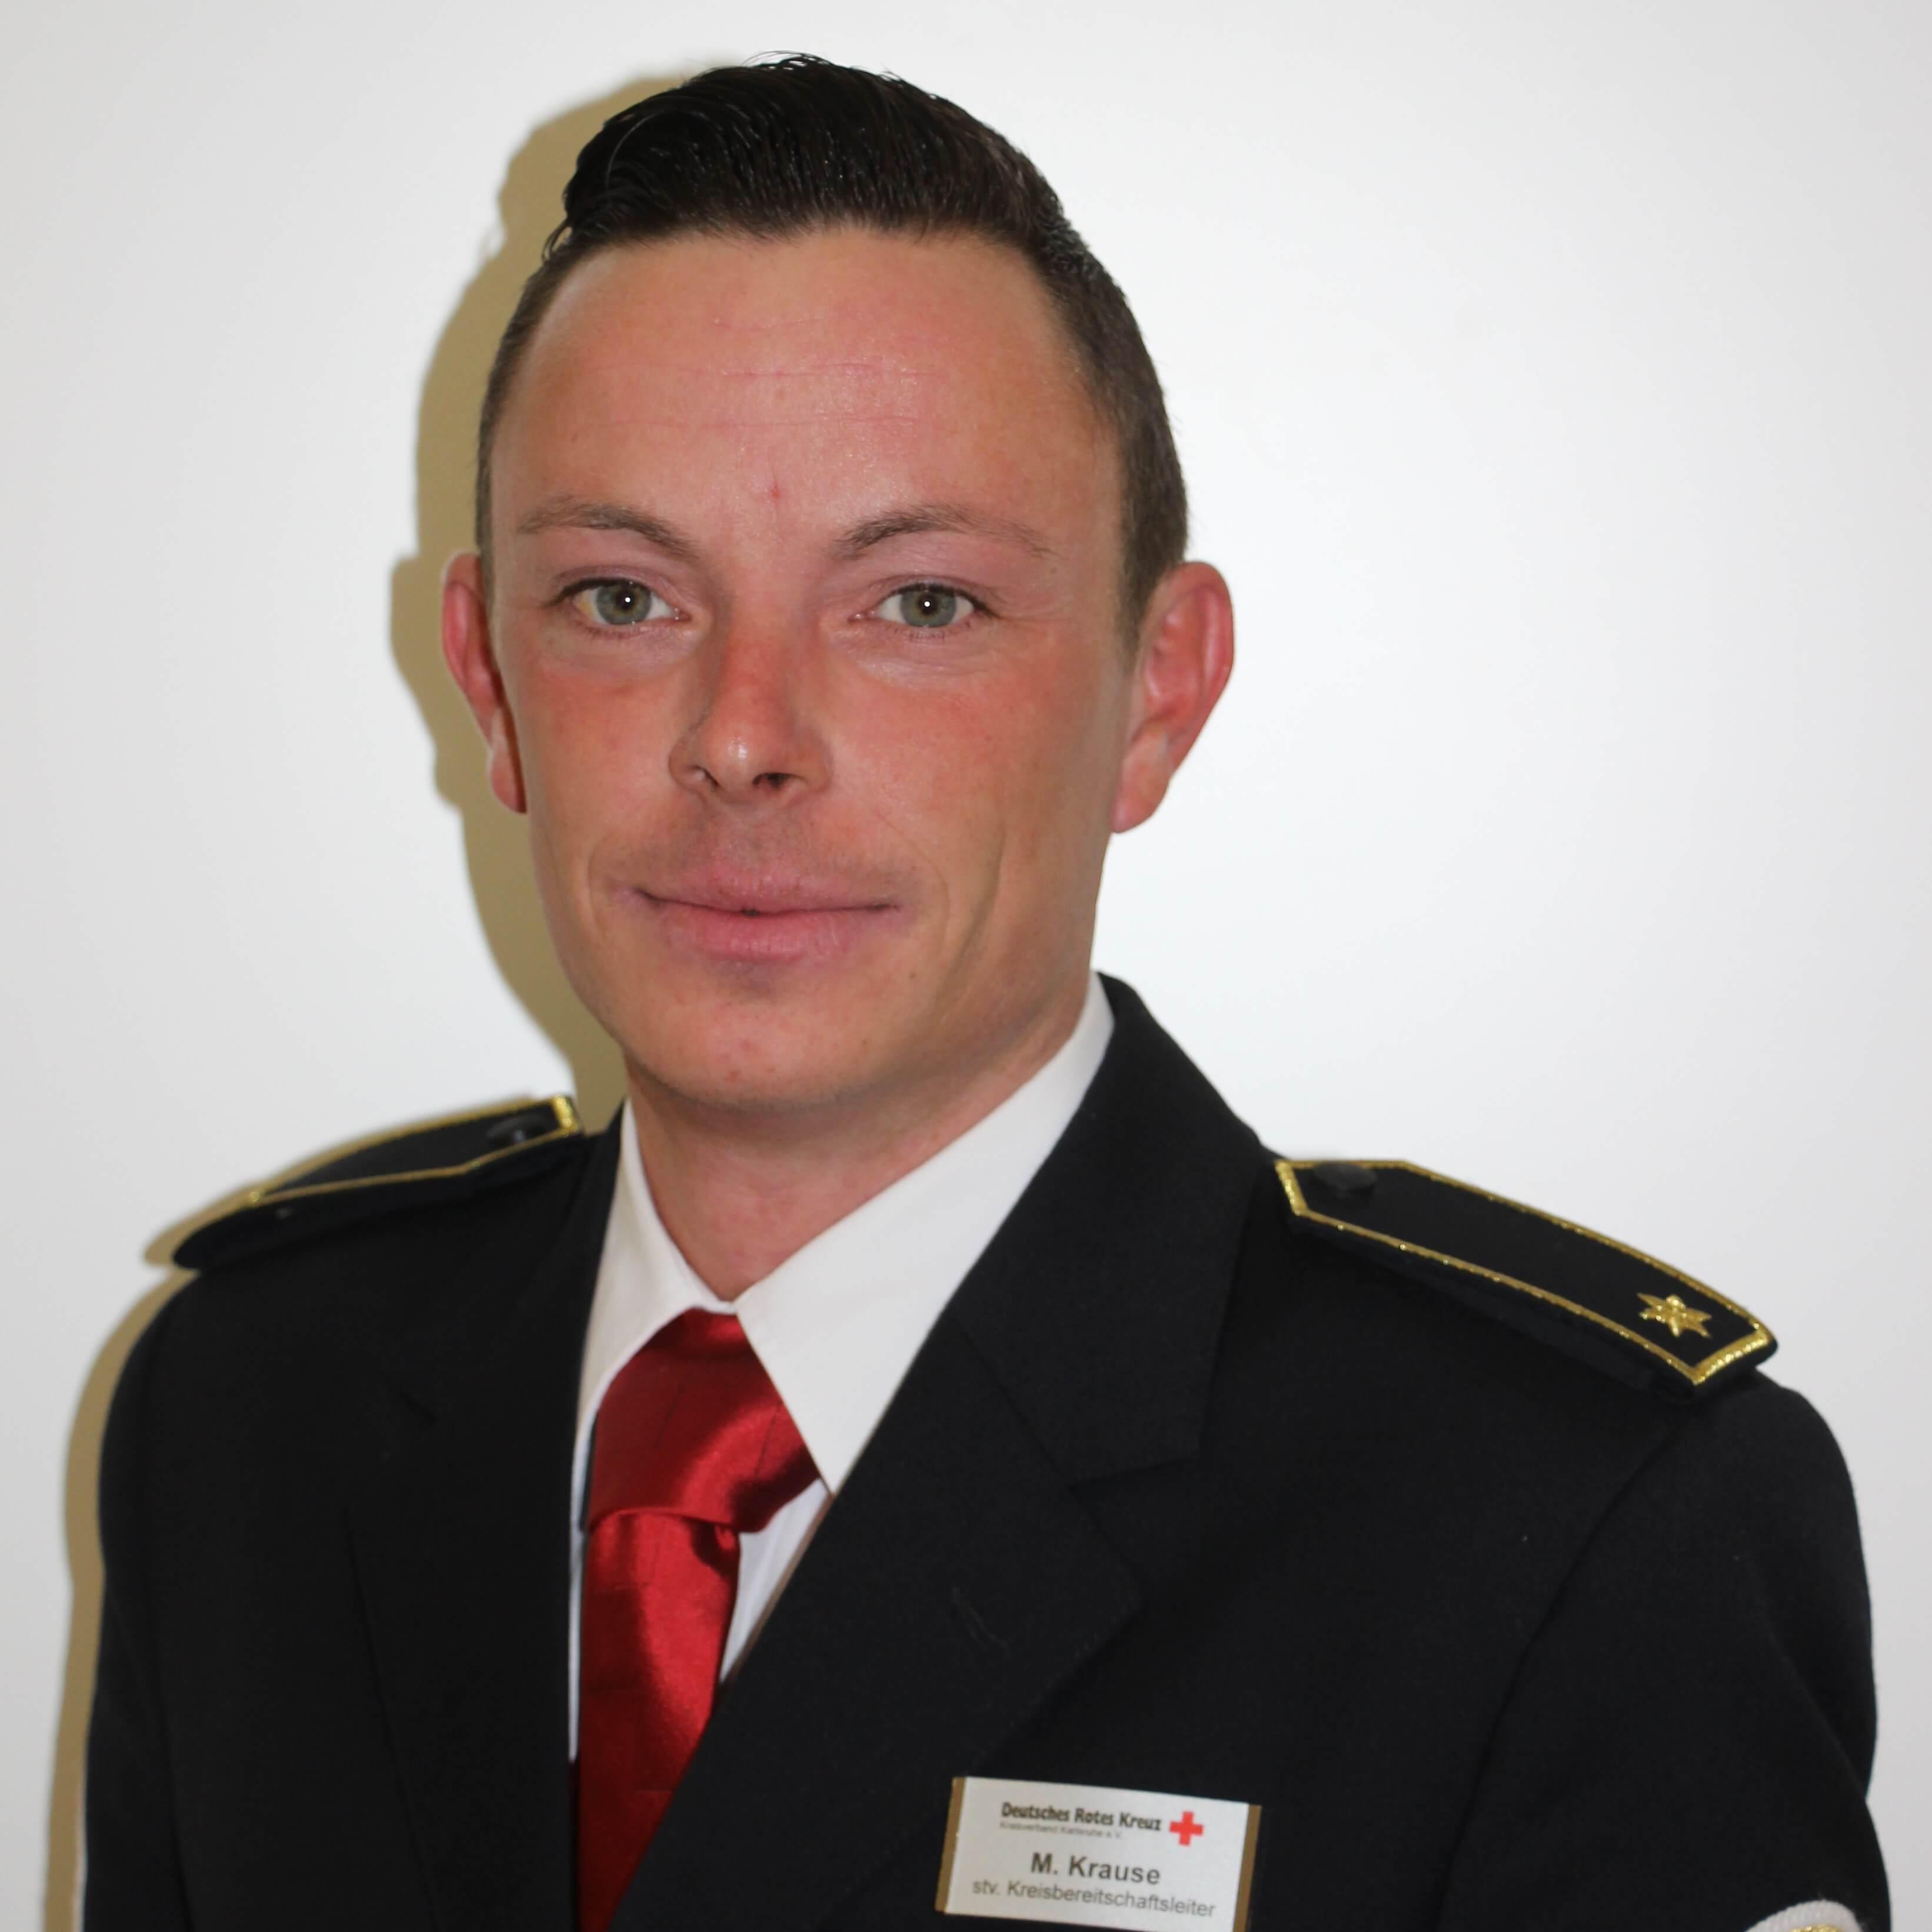 MatthiasKrause2016